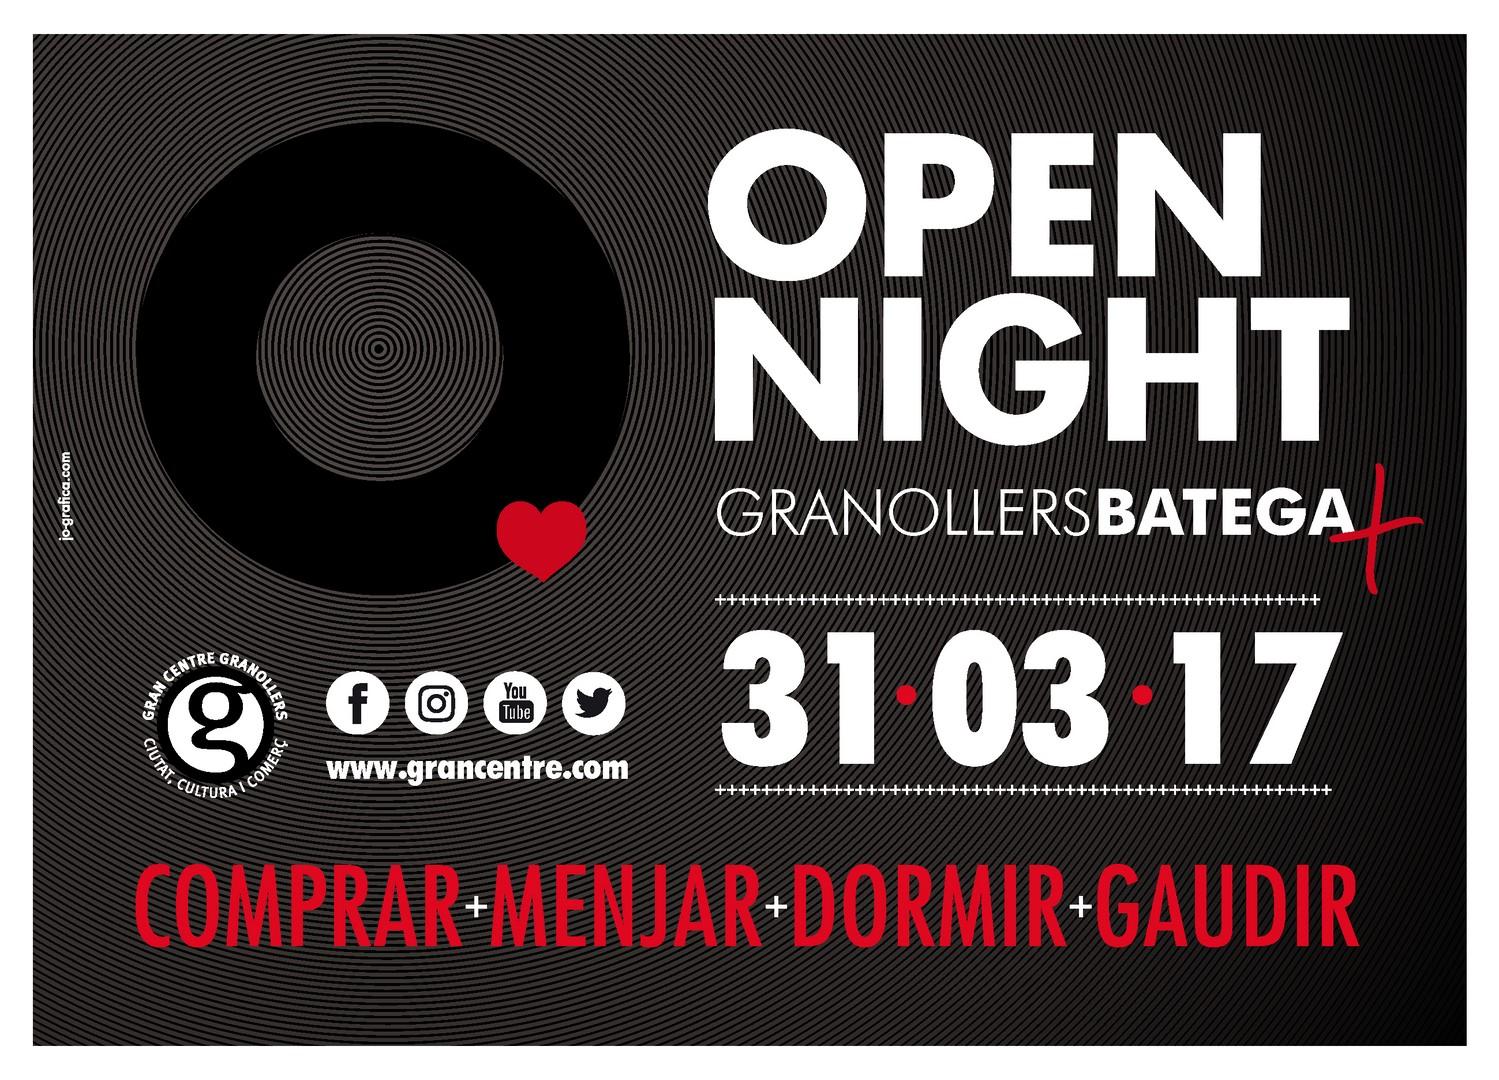 opennightgranollers2017_grancentre